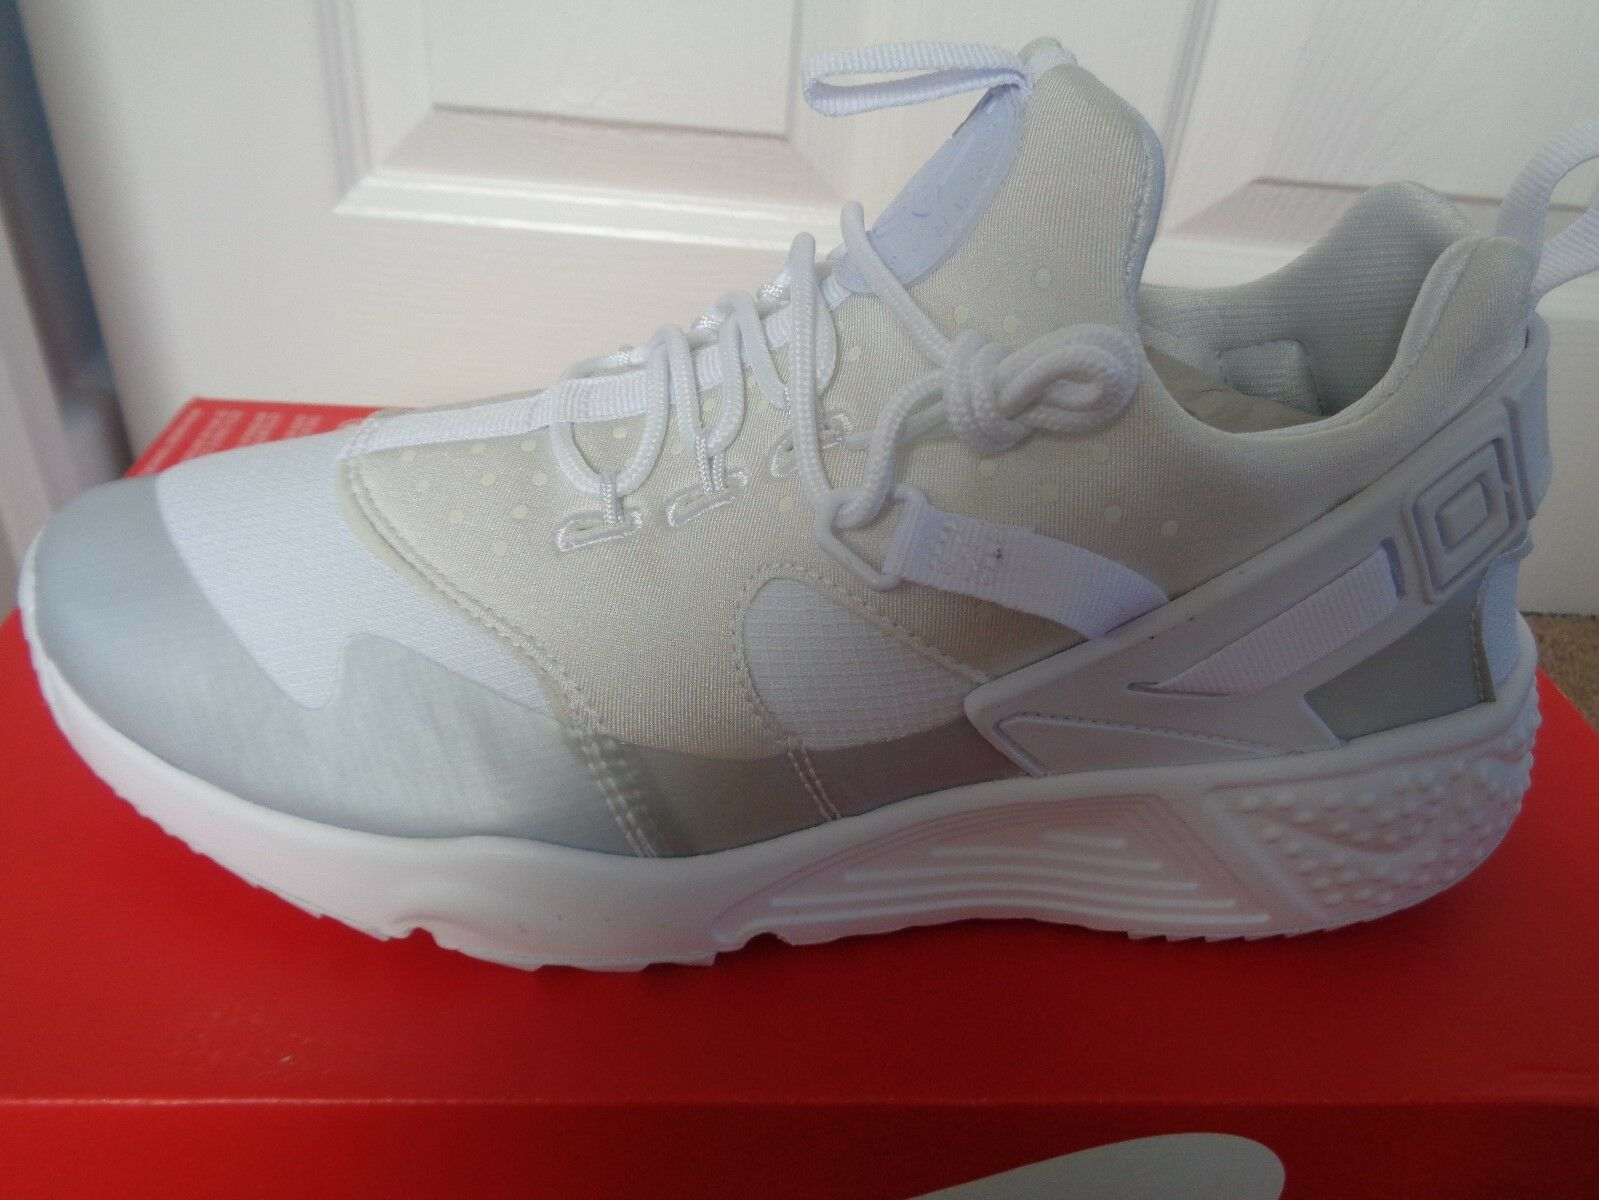 NIKE Air Huarache Utility Sneaker Uomo Scarpe Da Ginnastica Scarpe 806807 100 NUOVO Scarpe classiche da uomo